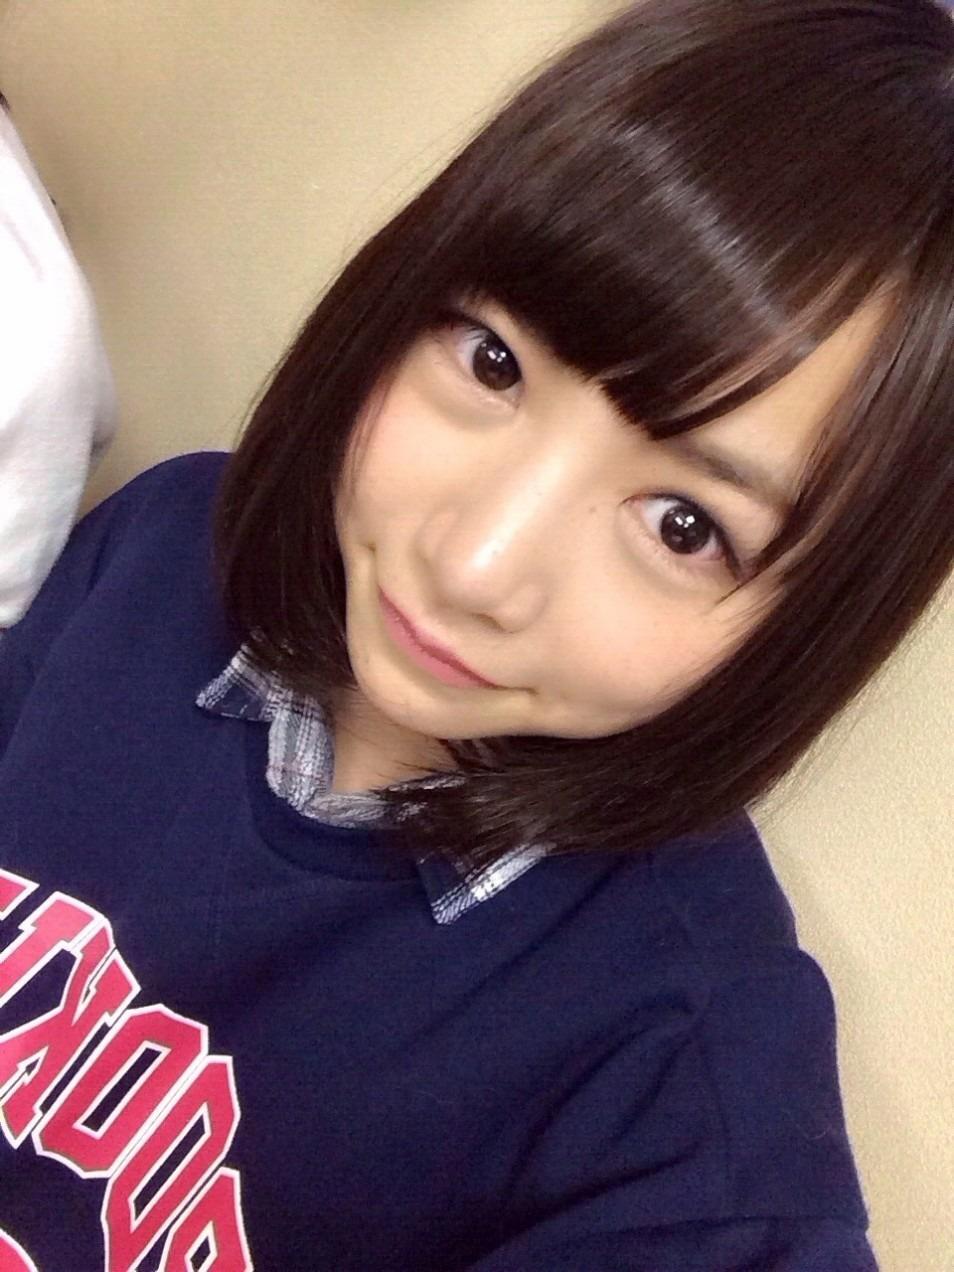 北野日奈子さんの自撮り